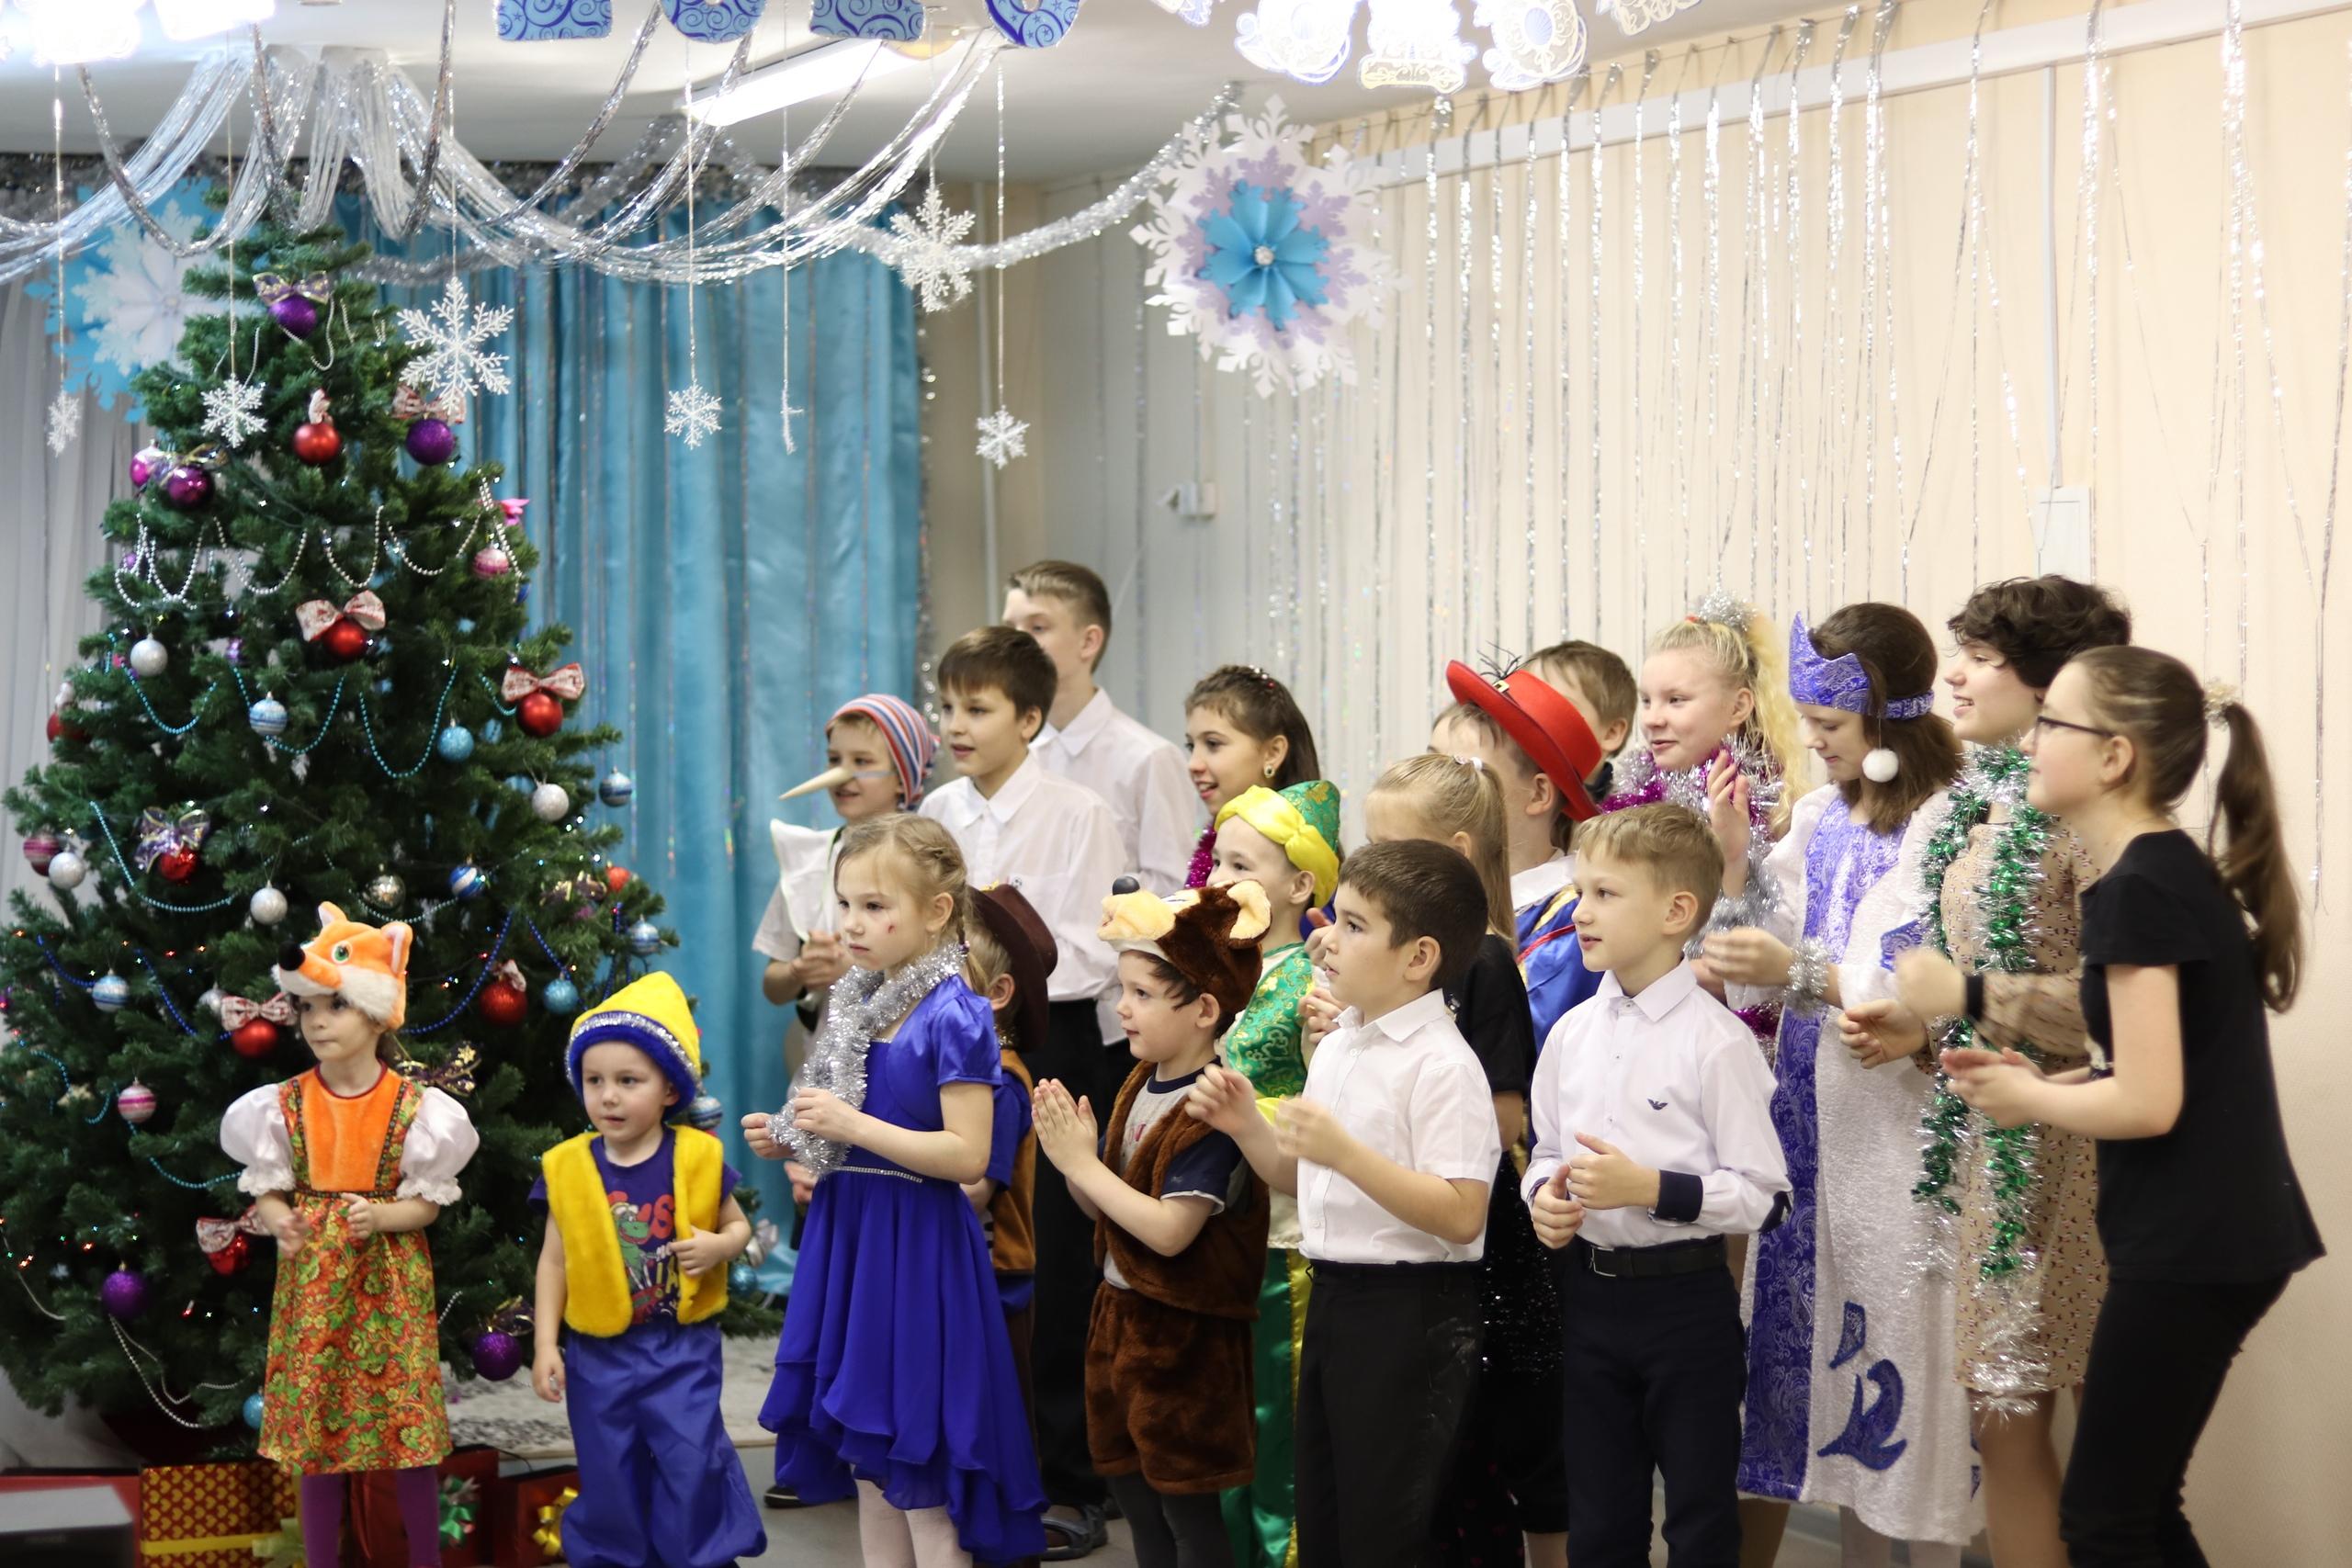 Руководитель администрации Николай Жилин посетил Елку социально-реабилитационного центра для несовершеннолетних в Усогорске